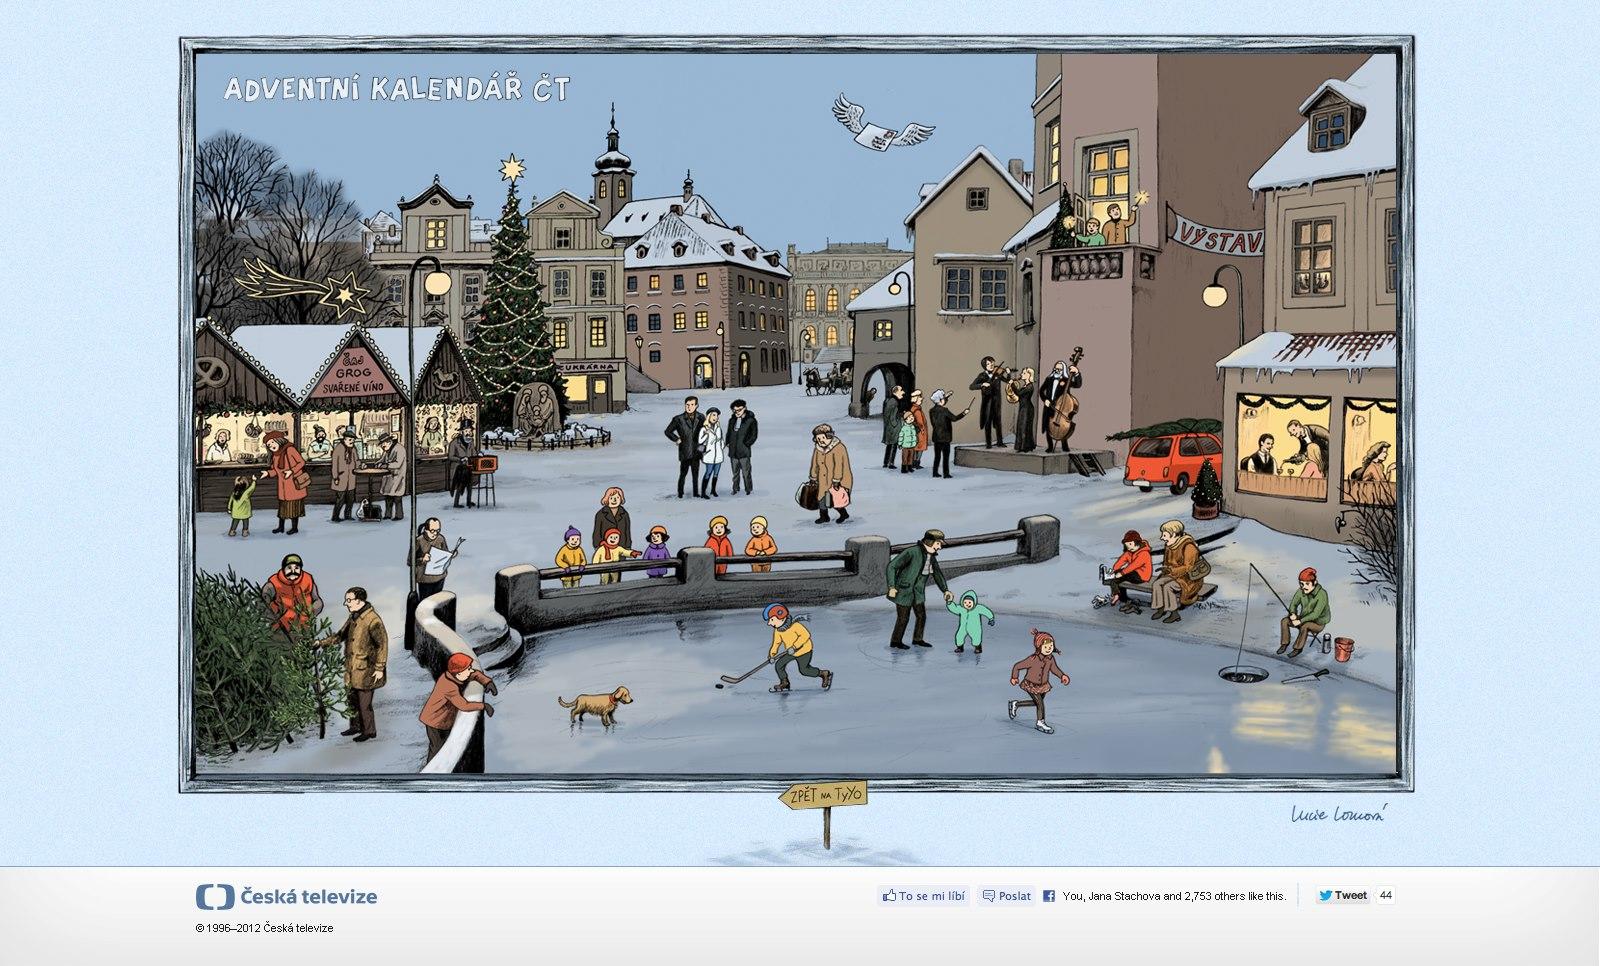 adventni kalendar 2013 Lucie Lomová: Adventní kalendář České televize adventni kalendar 2013